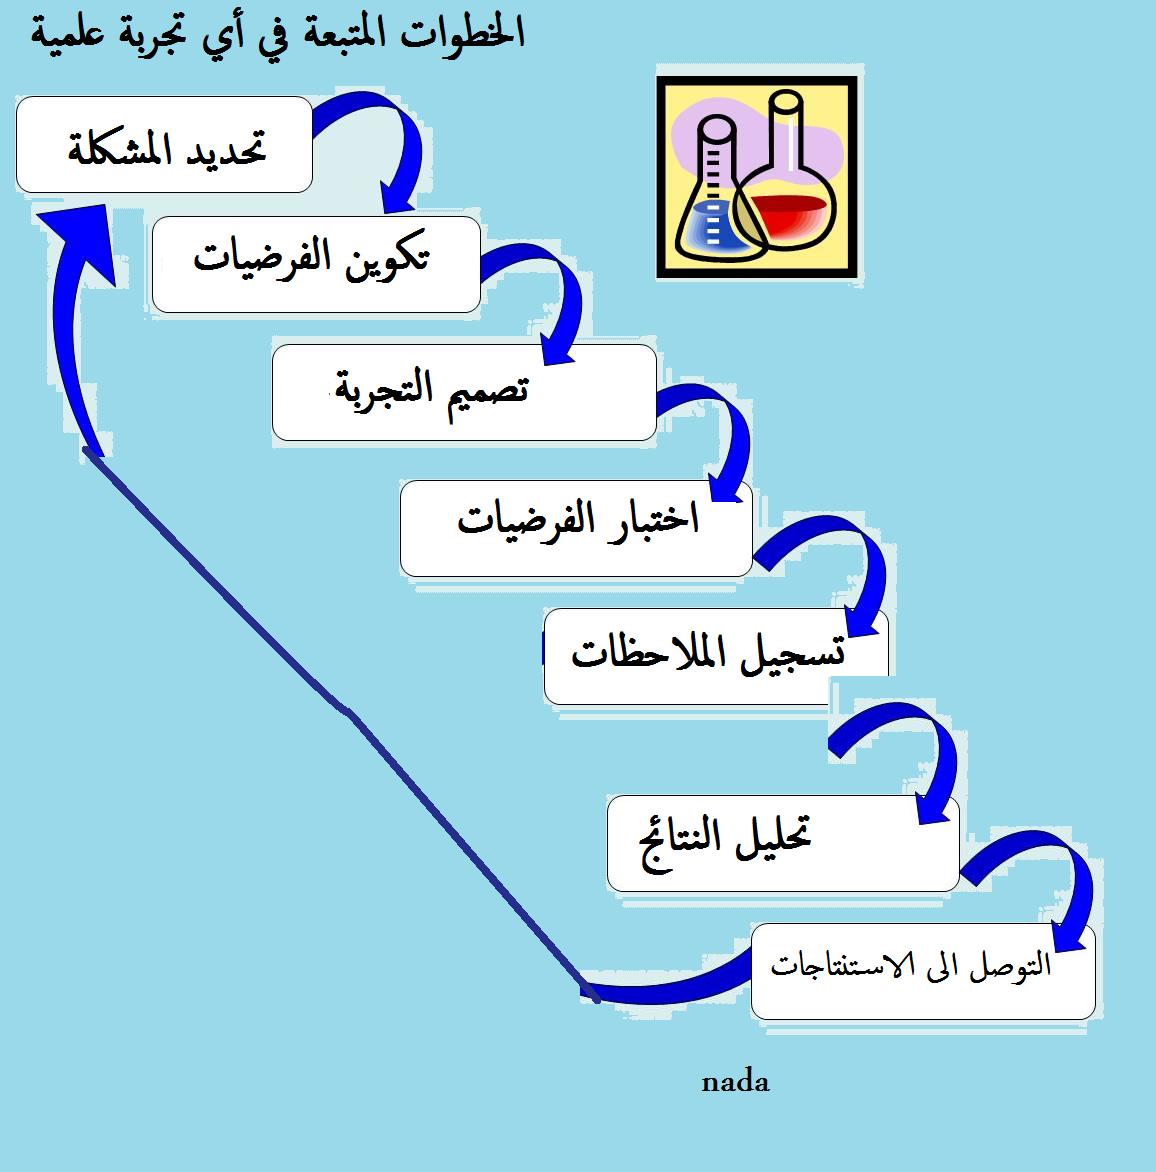 خطوات حل المشكلة بطريقة علمية حل اي مشكلة بطرق منظمة وسريعة مشاعر اشتياق